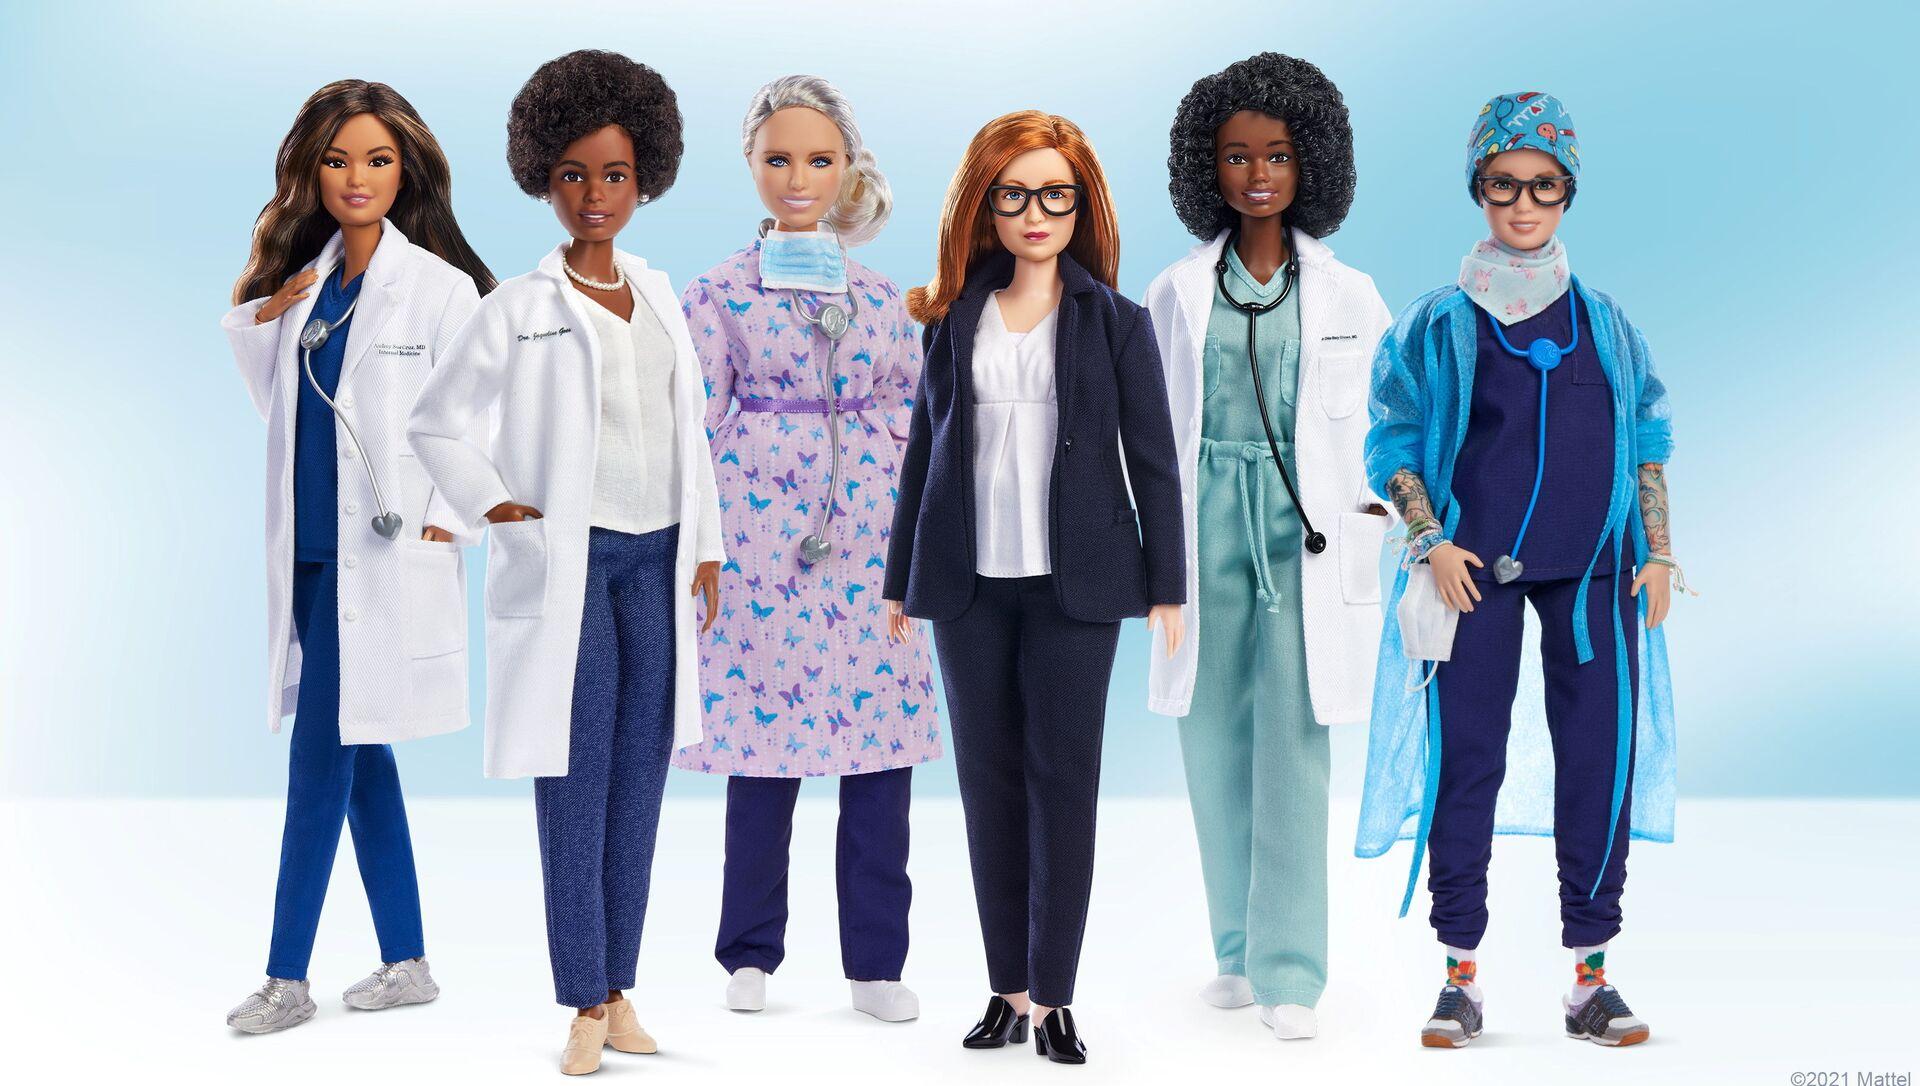 Oyuncak şirketi Mattel, tıp ve sağlık alanında öne çıkan 6 kadın için Barbie 'rol model' serisini çıkardı. - Sputnik Türkiye, 1920, 04.08.2021